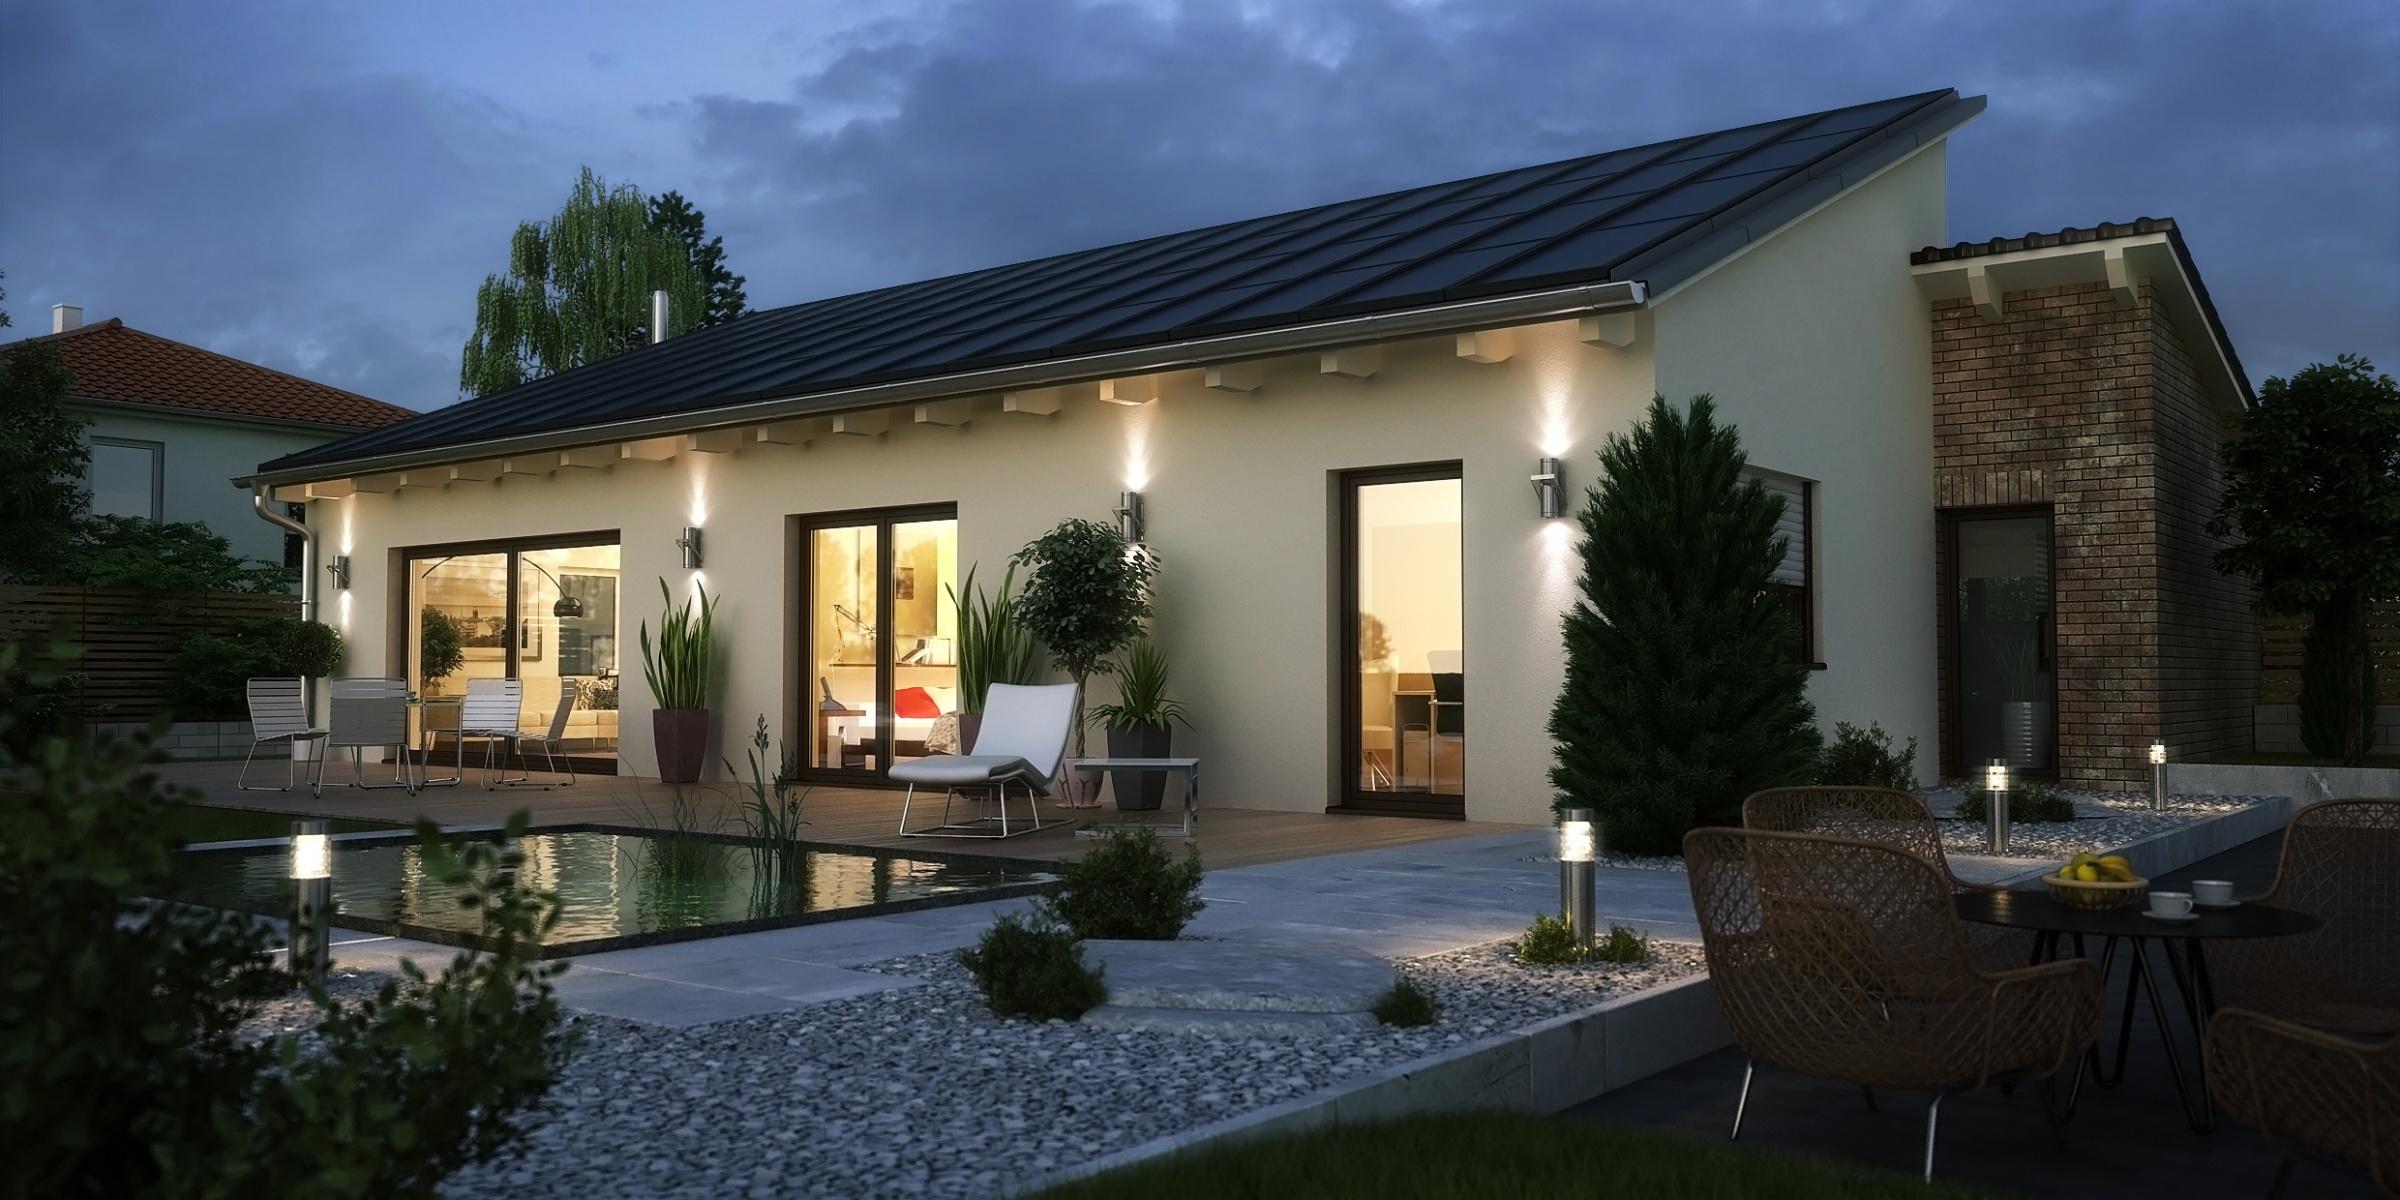 Visualisierung 3d einfamilienhaus visualisierung by 3d artifex de visualisierung